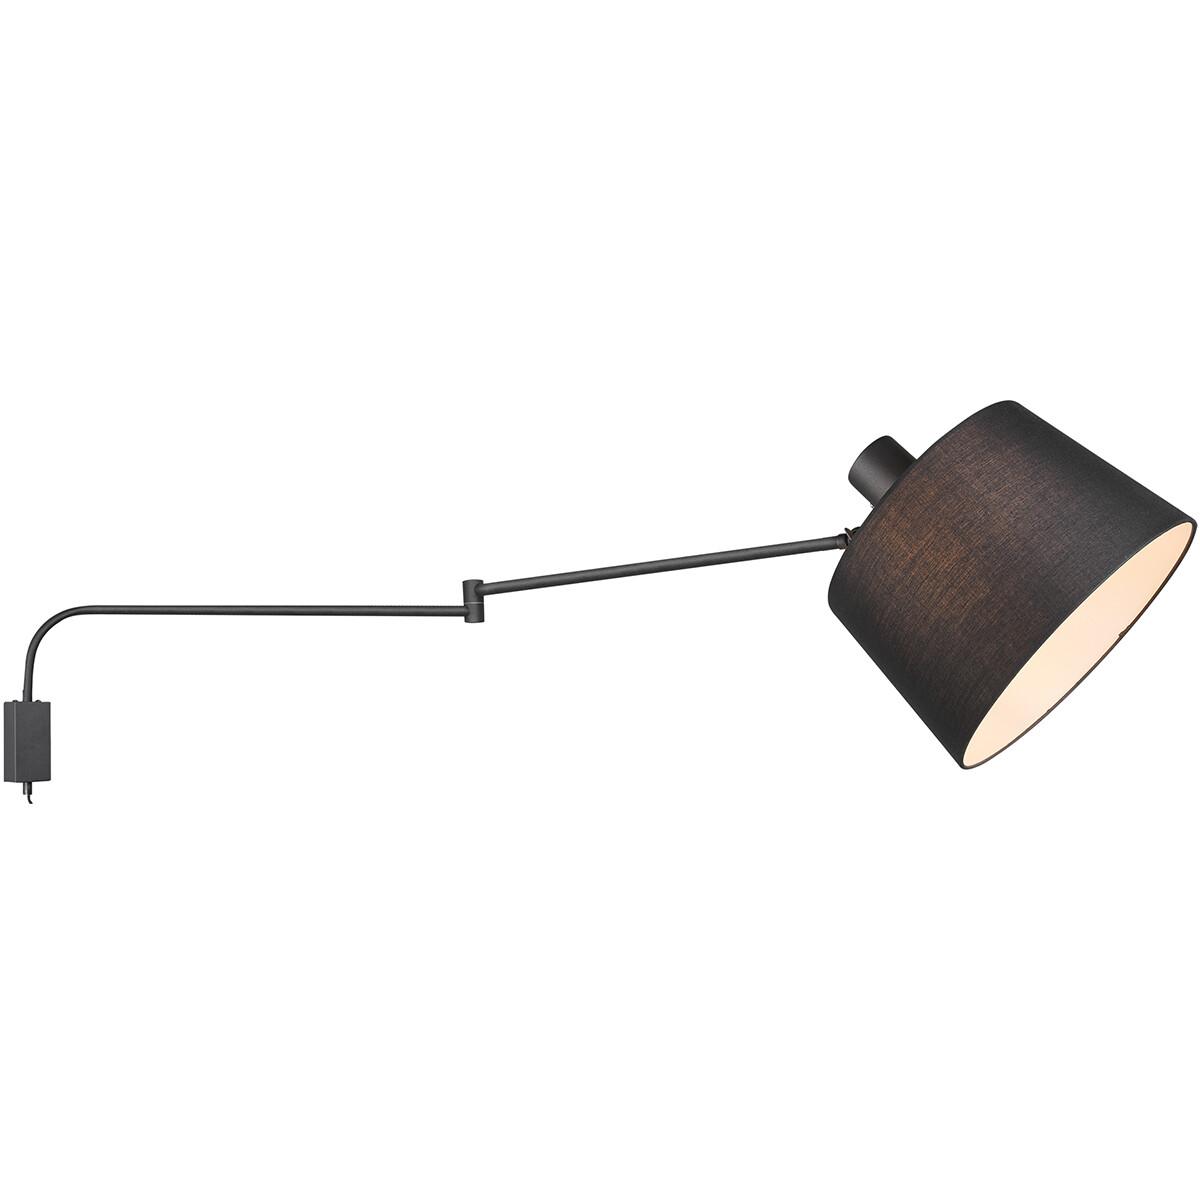 LED Wandlamp - Wandverlichting - Trion Badi - E27 Fitting - Rond - Mat Zwart - Aluminium